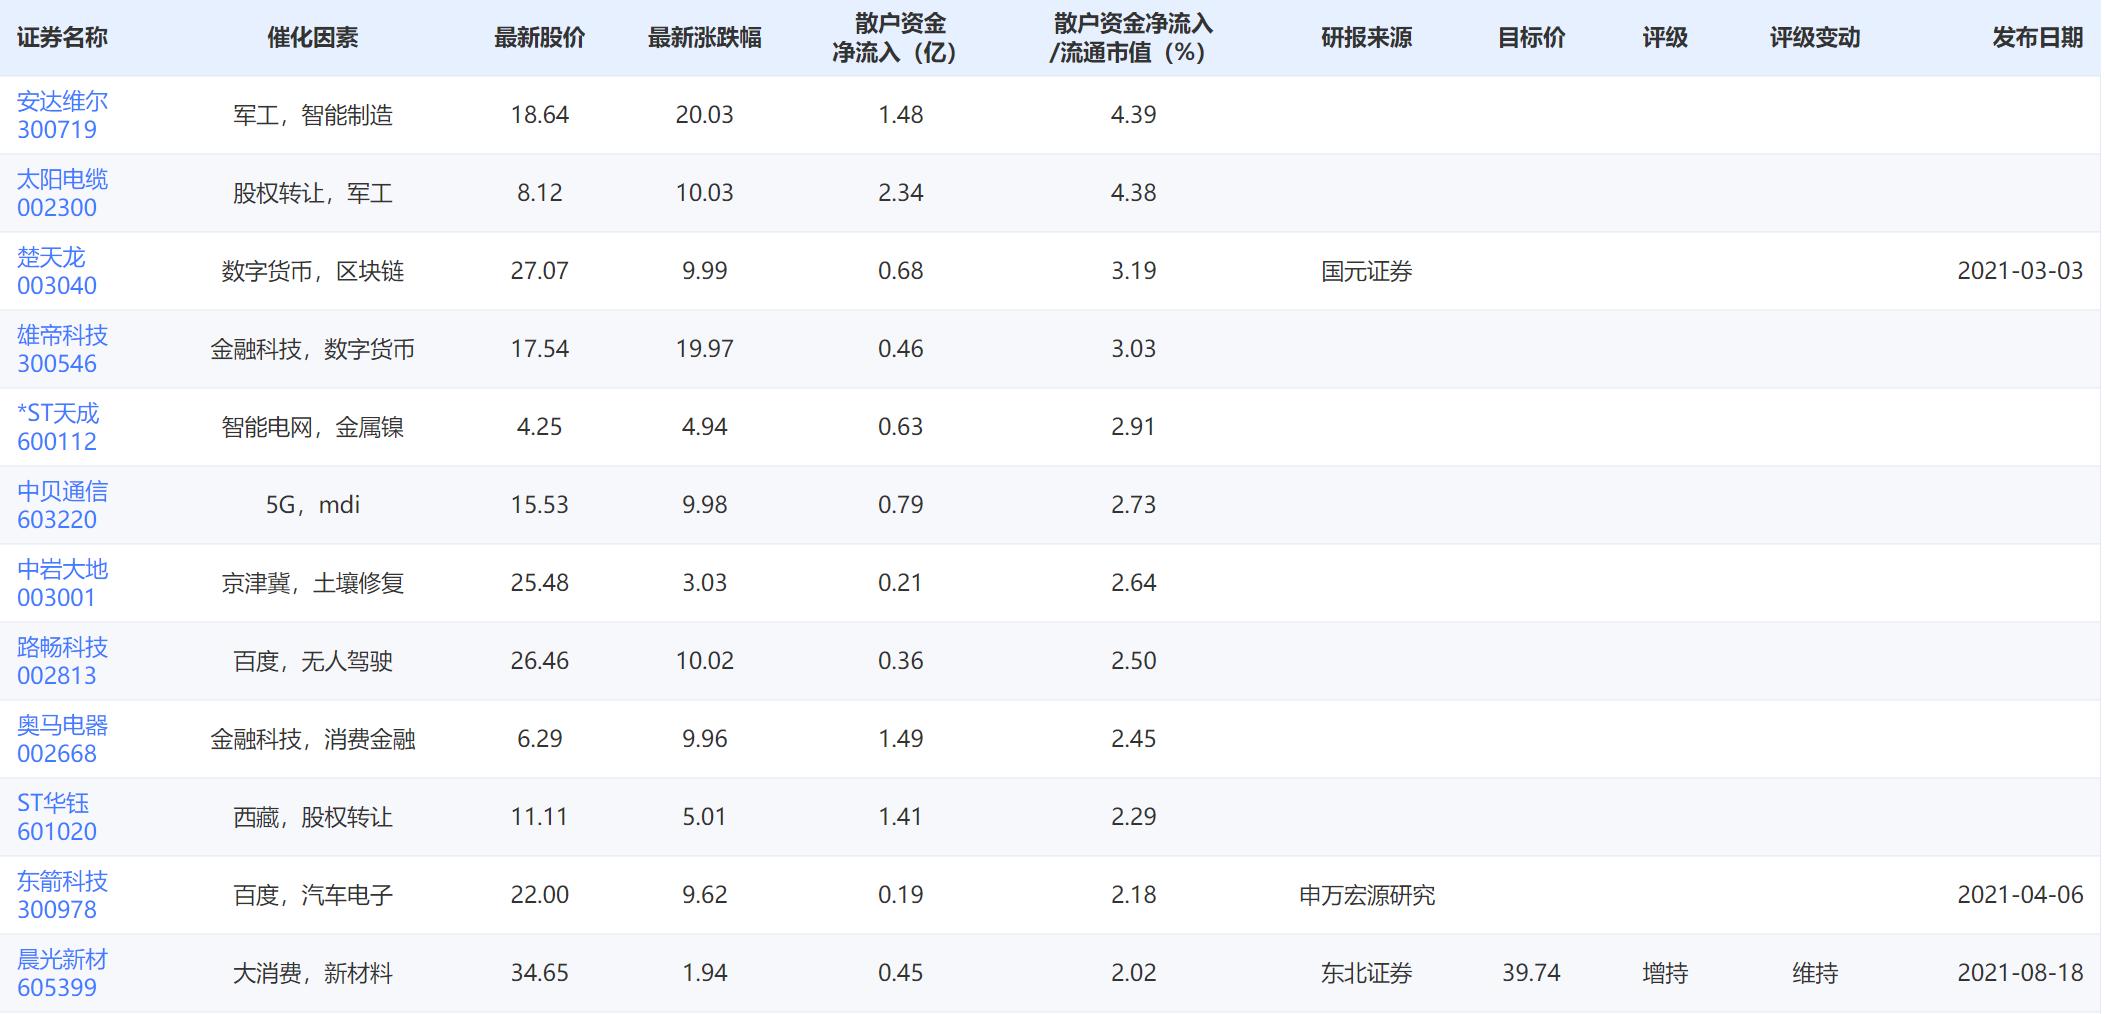 早盘散户资金净流入流出比例最大的30只股票_股票之家炒股网